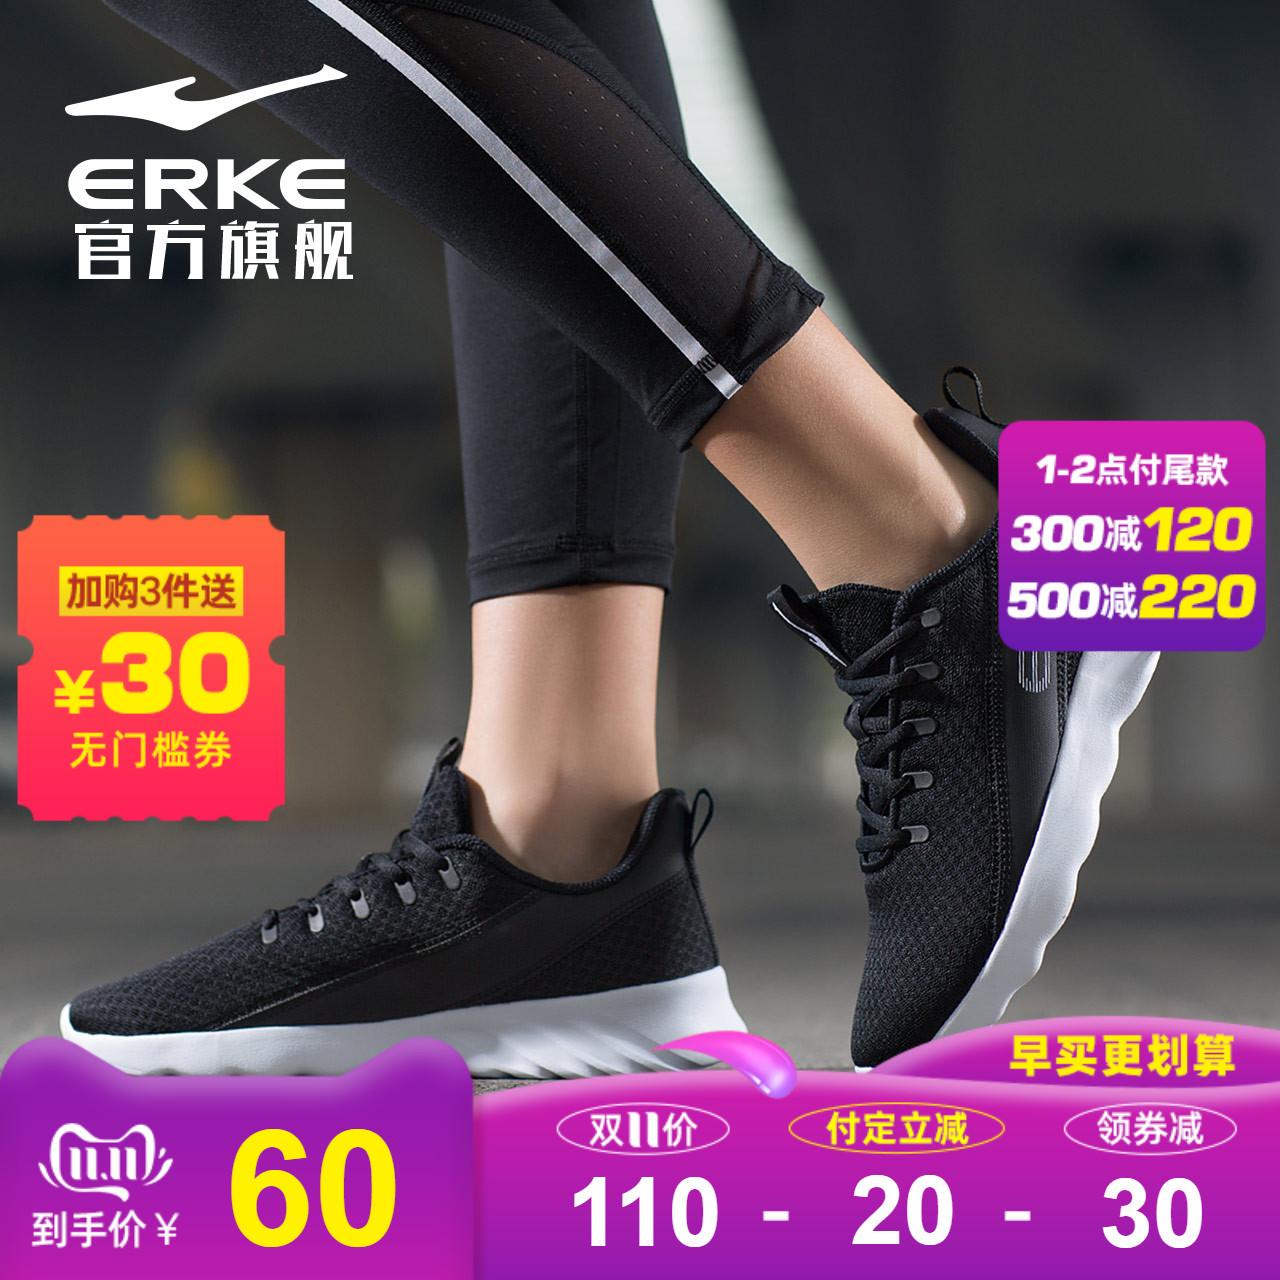 鸿星尔克女鞋运动鞋2019秋冬新款休闲跑步鞋百搭低帮跑鞋女休闲鞋